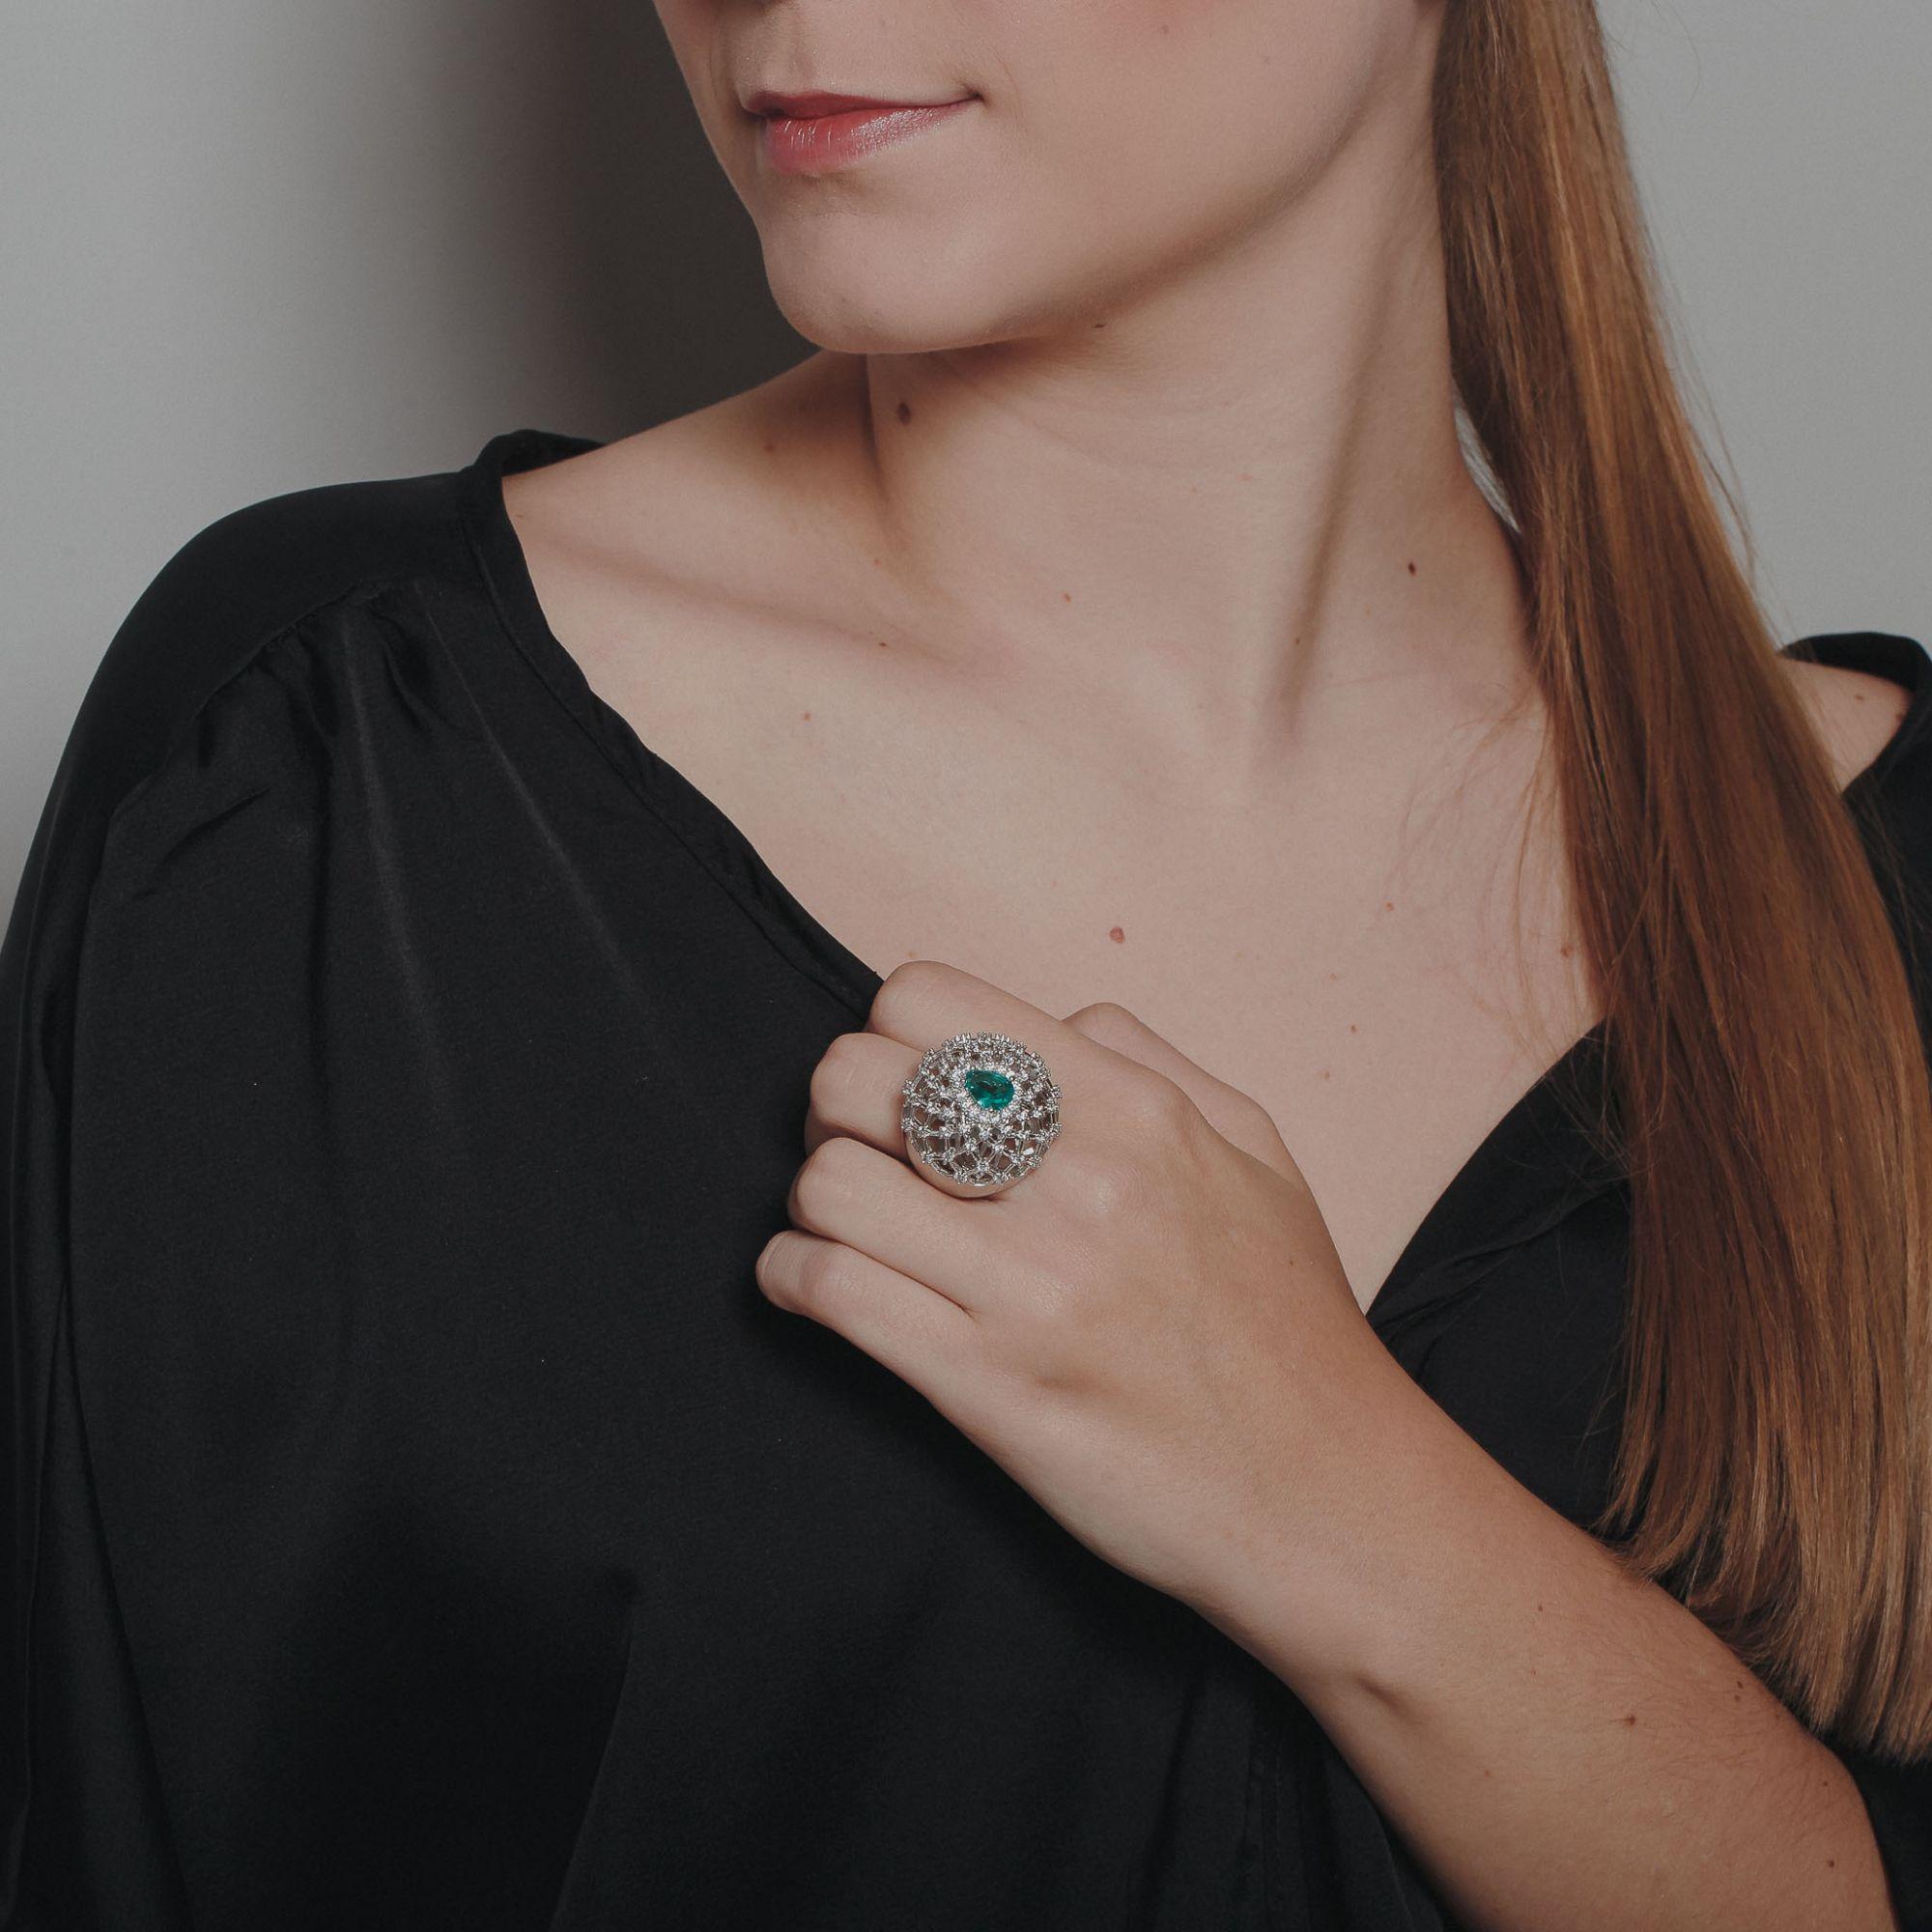 Anel com zircônias cristais e gotas turmalina banho de ródio branco.  - romabrazil.com.br